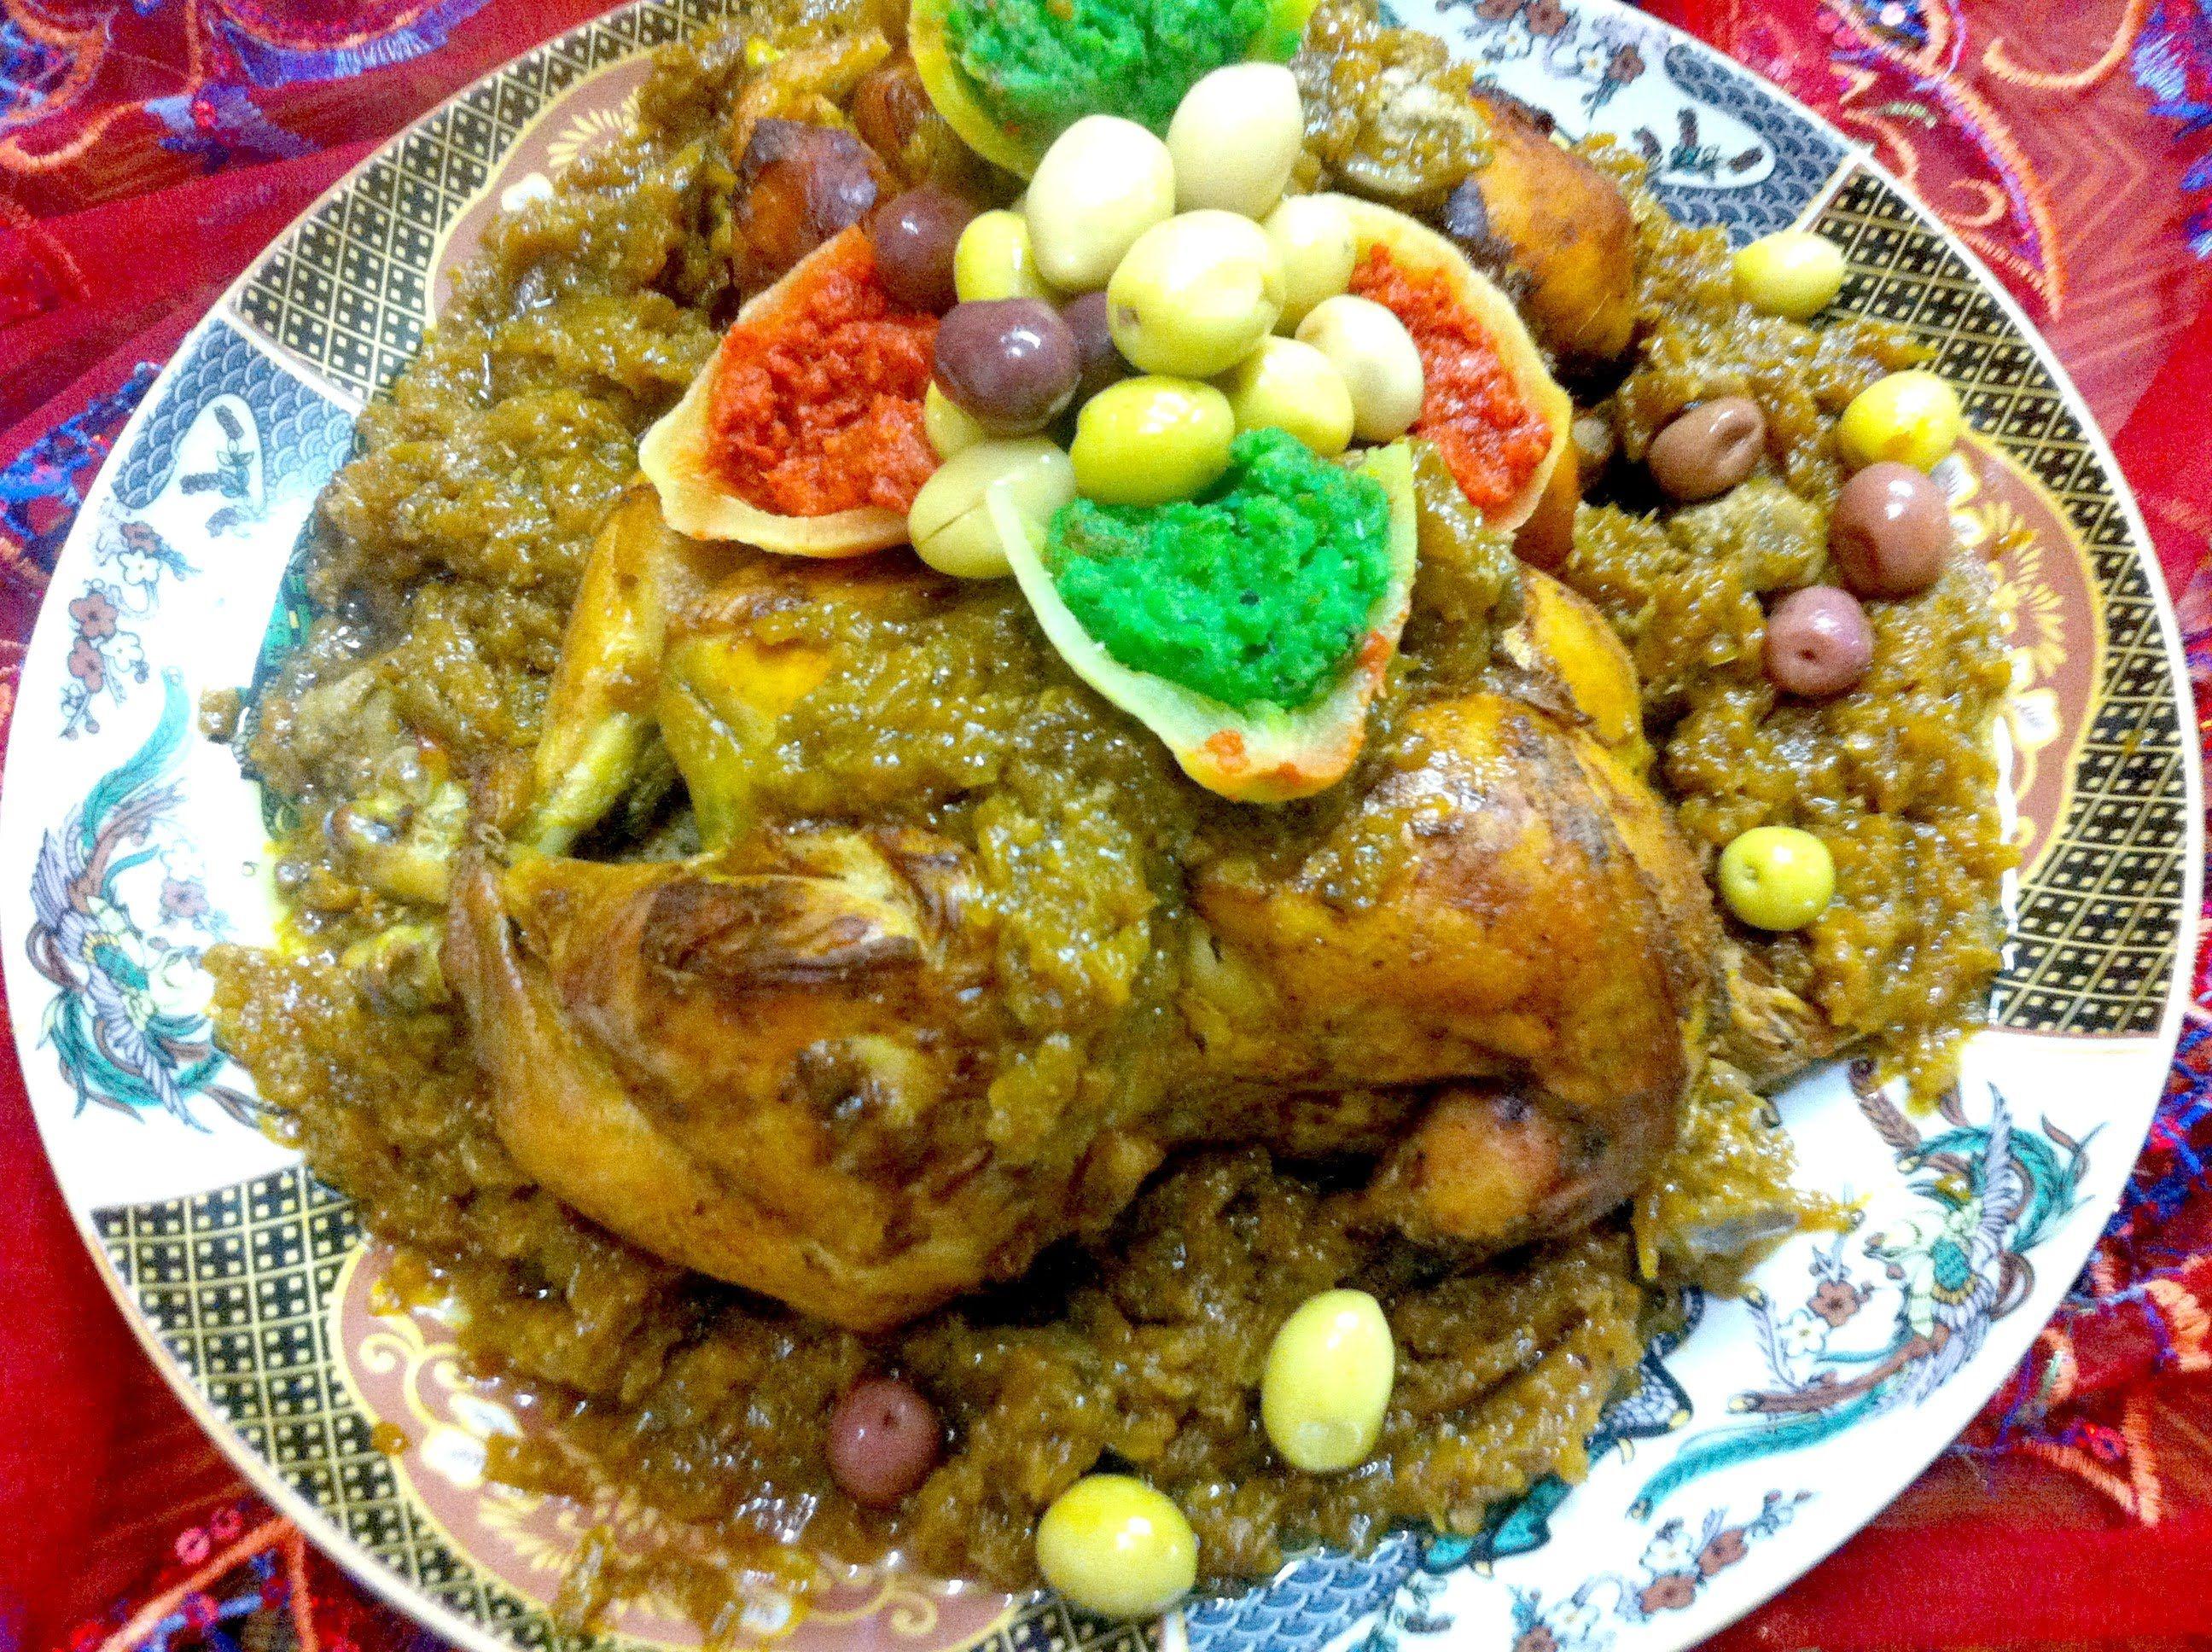 دجاج محمر بالدغميرة بطريقة الاعراس والمناسبات Youtube Moroccan Food Food Chicken